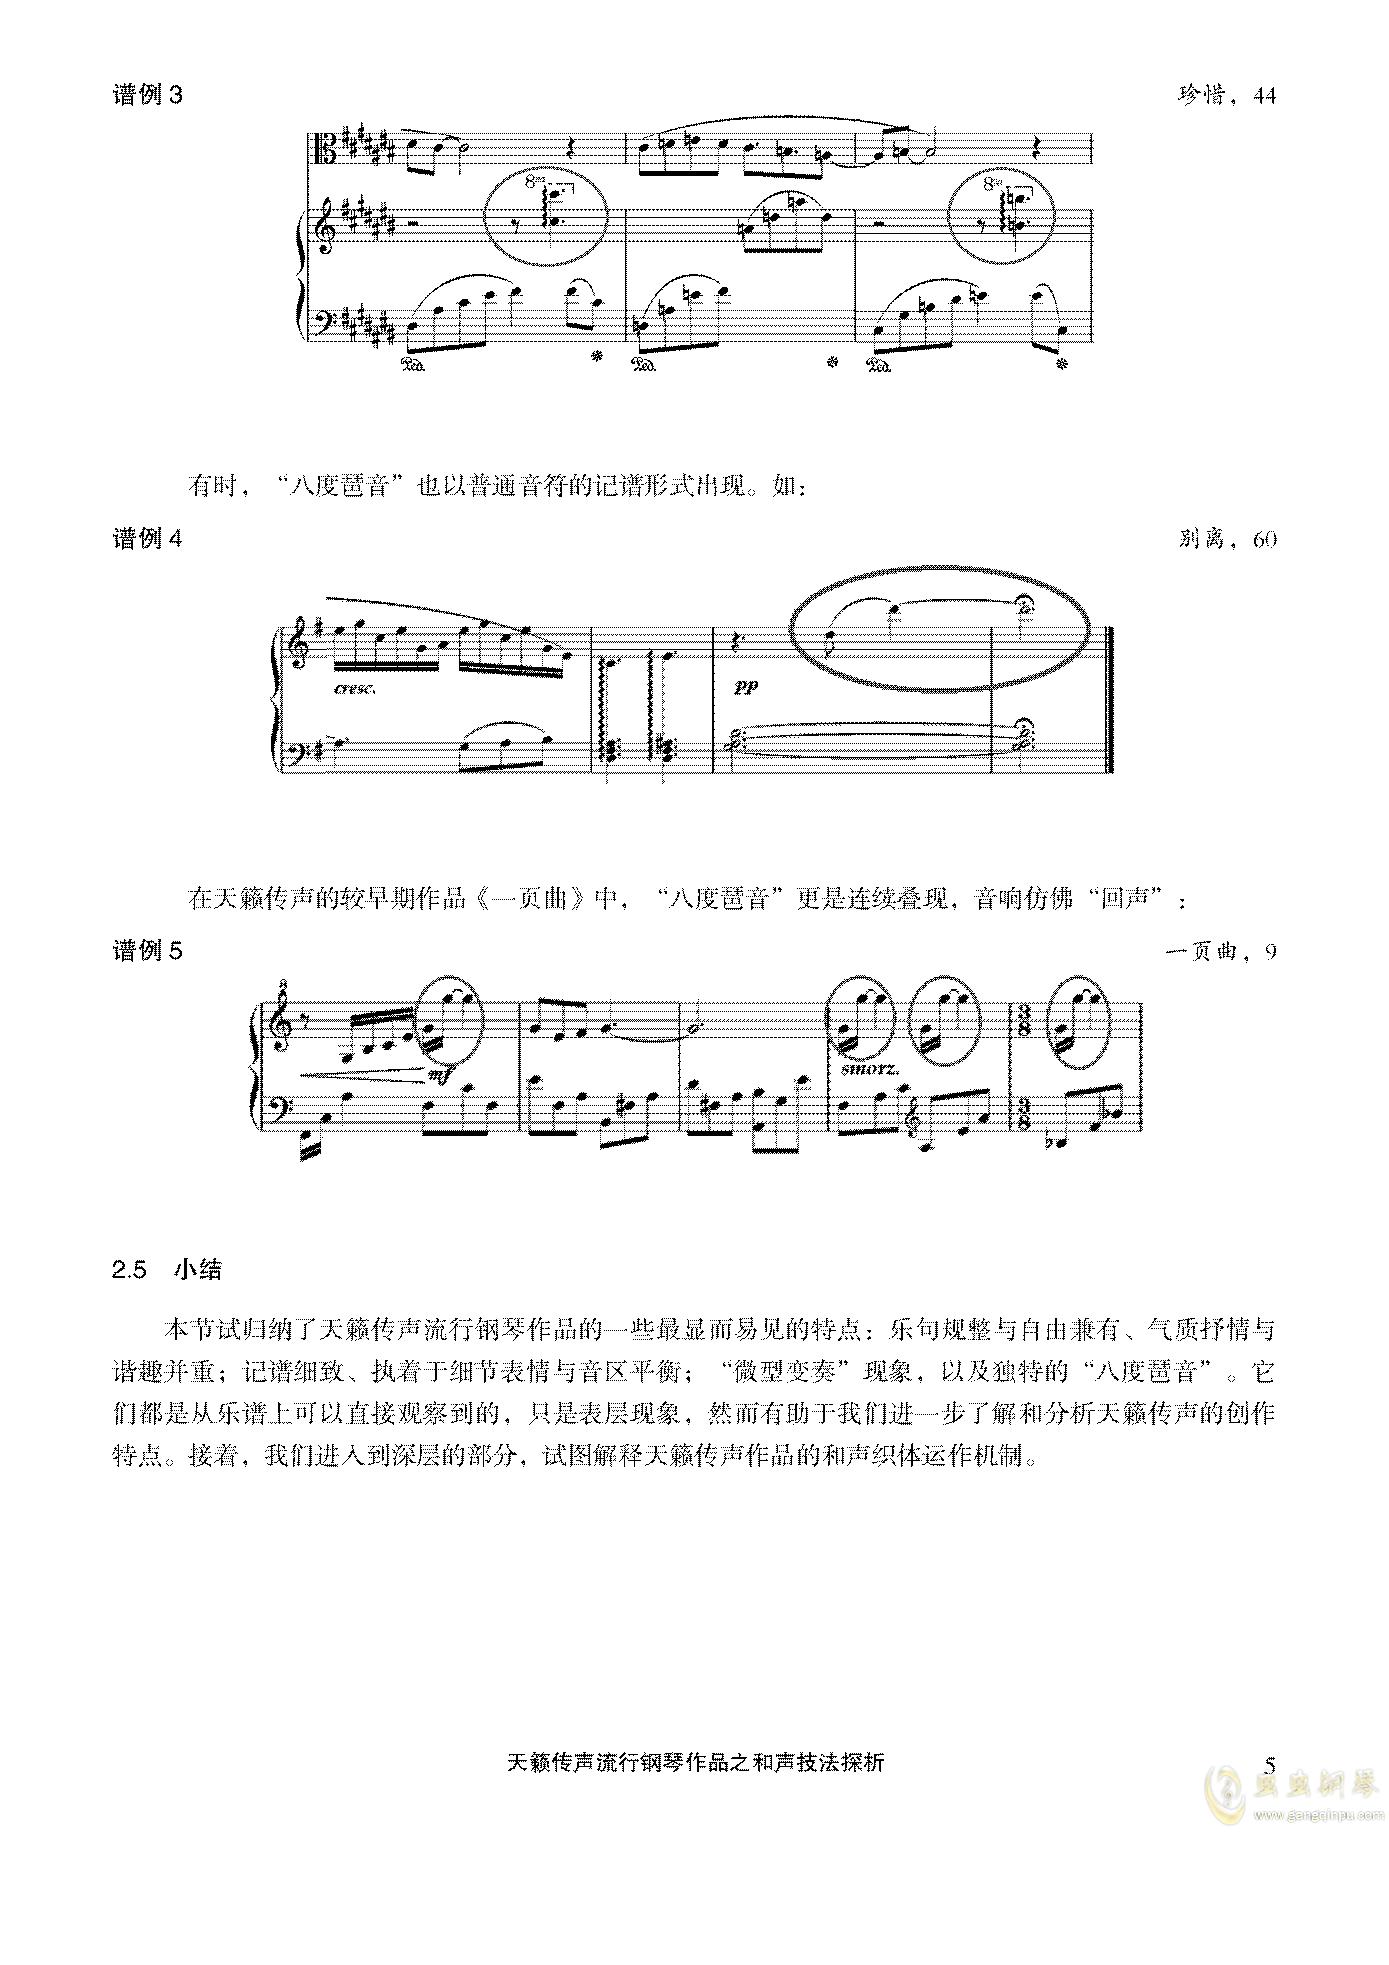 天籁传声和声技法探析澳门星际官网 第5页